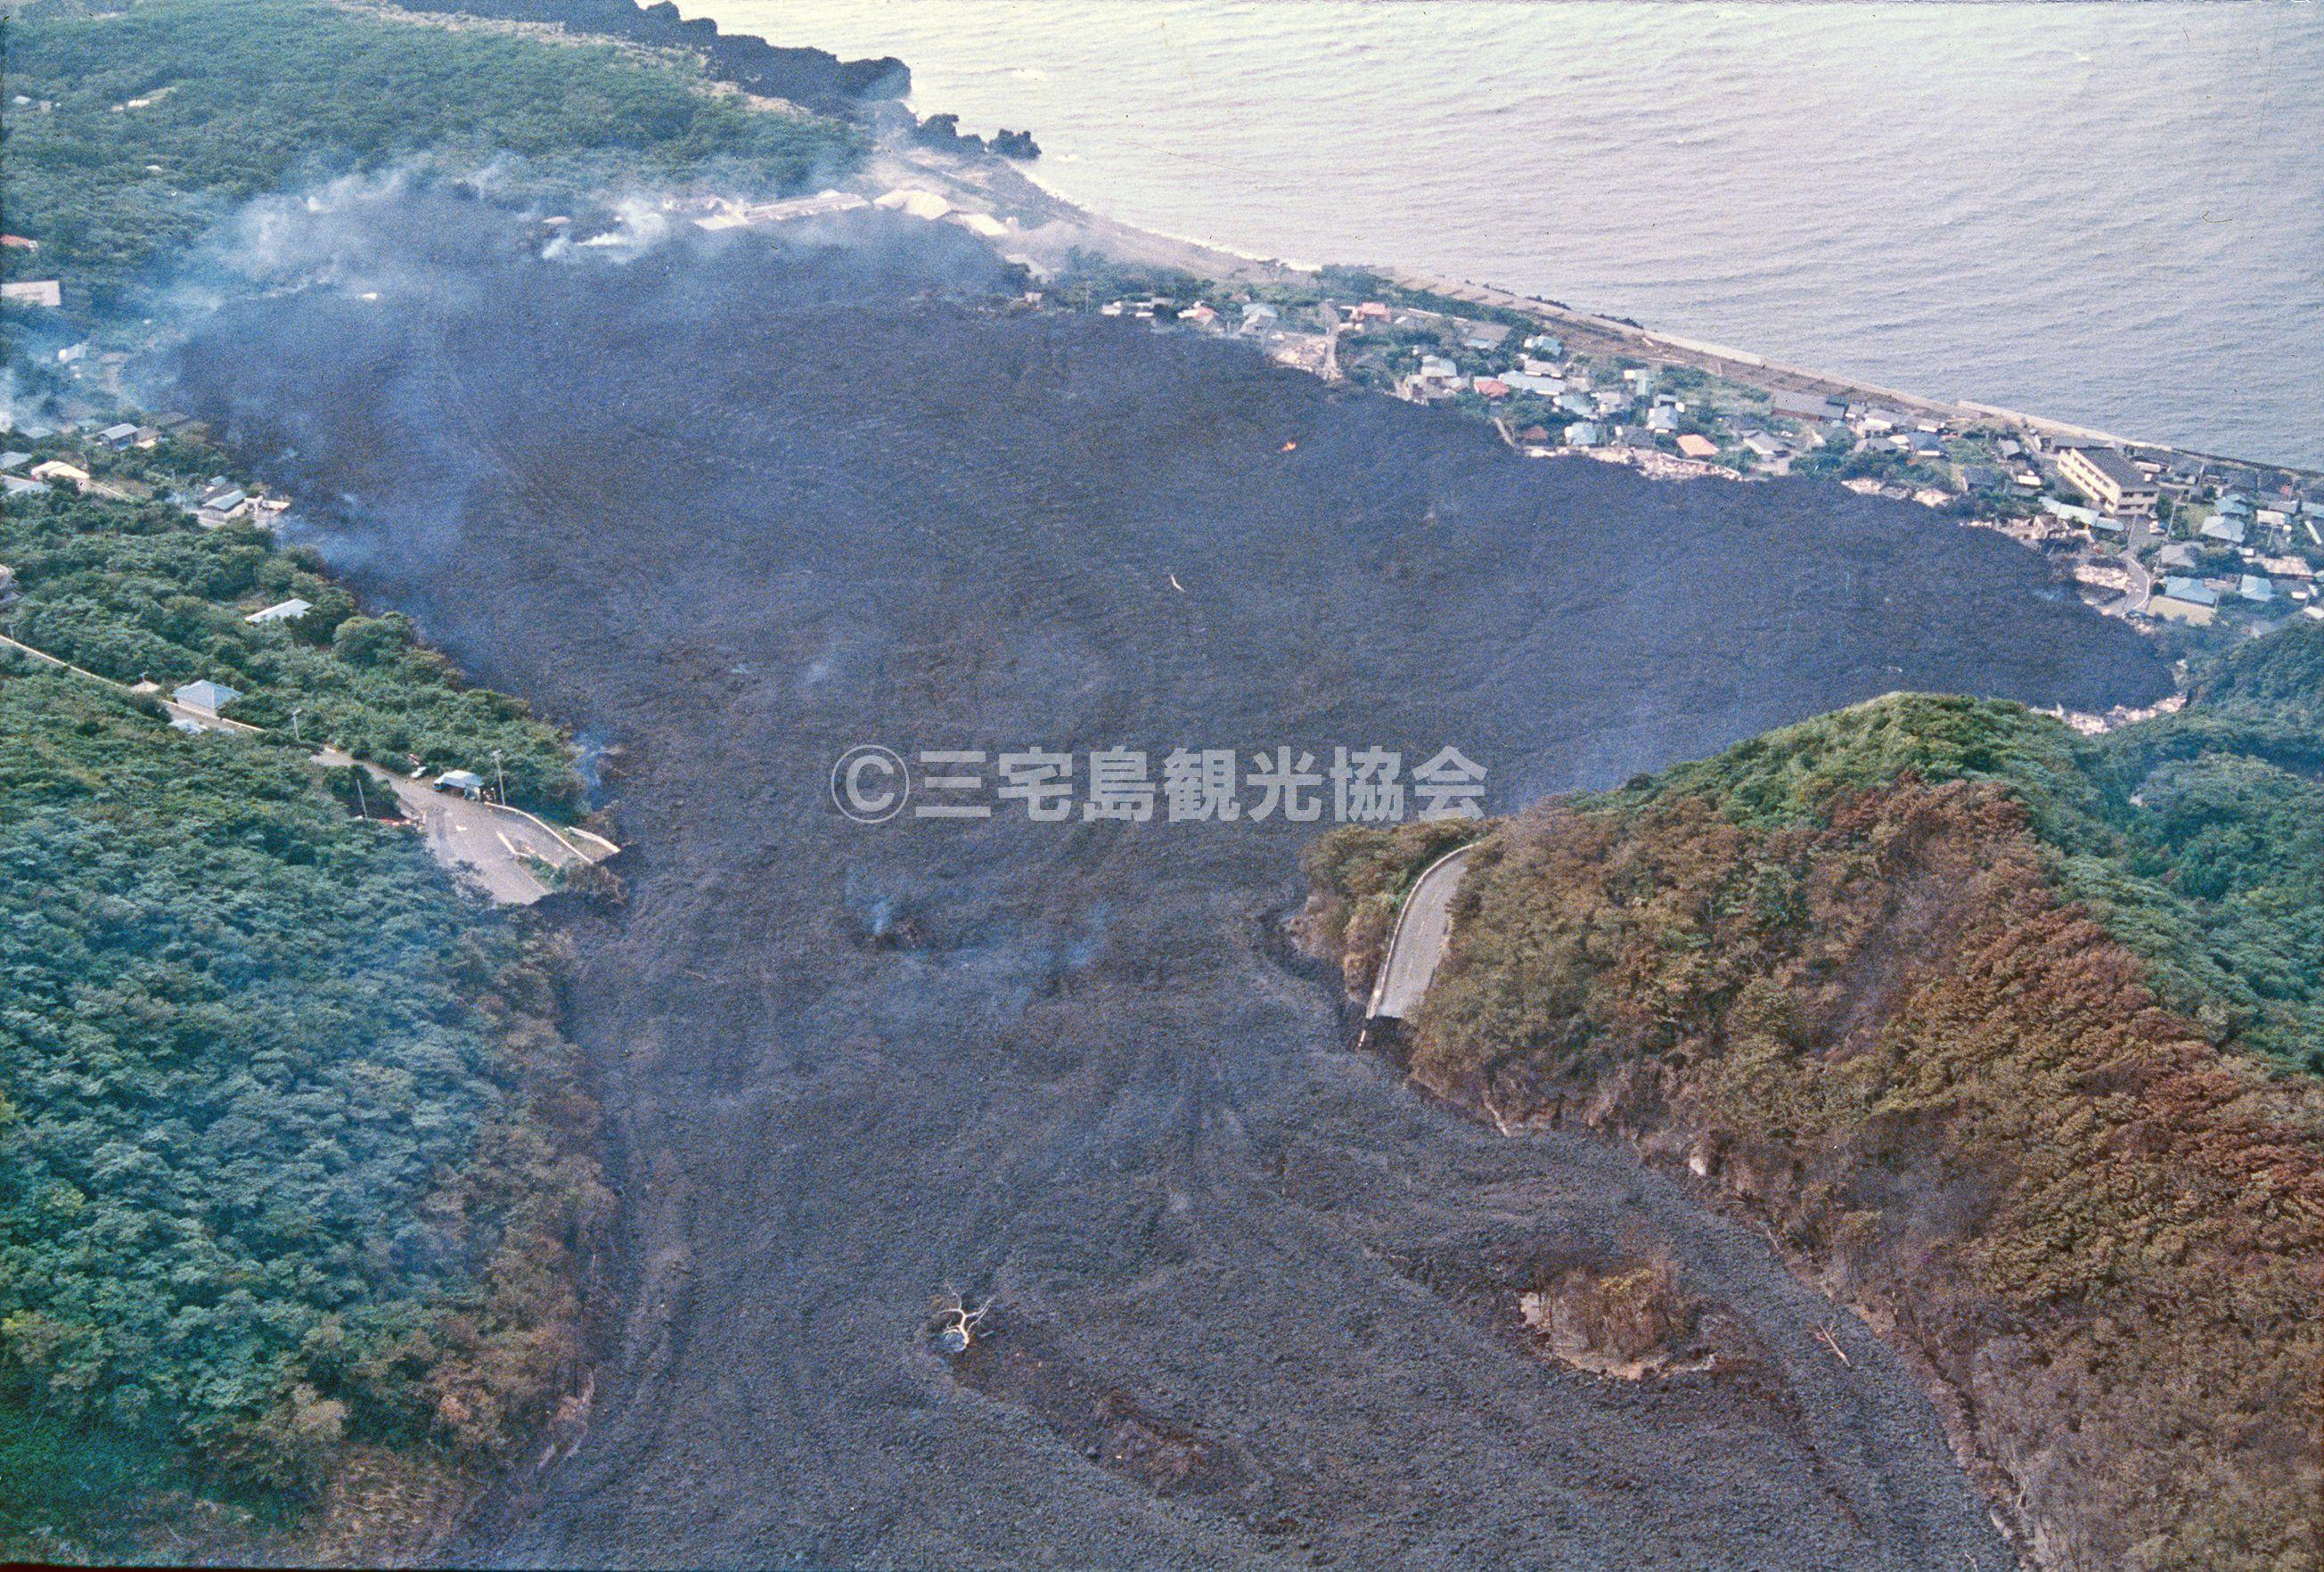 【1983(昭和58)年噴火】 阿古温泉郷に流れ込む溶岩